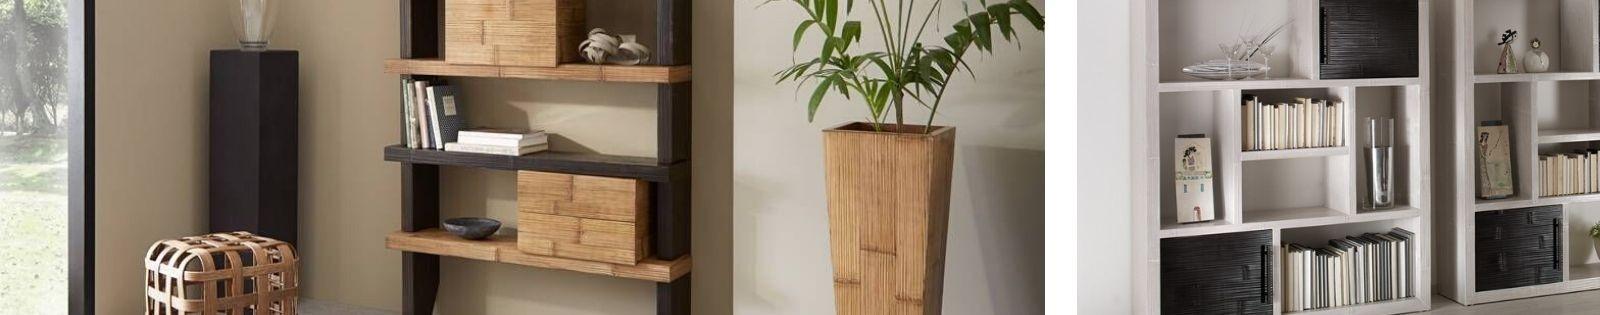 Etagères en bambou. Haut de Gamme de fabrication artisanale.